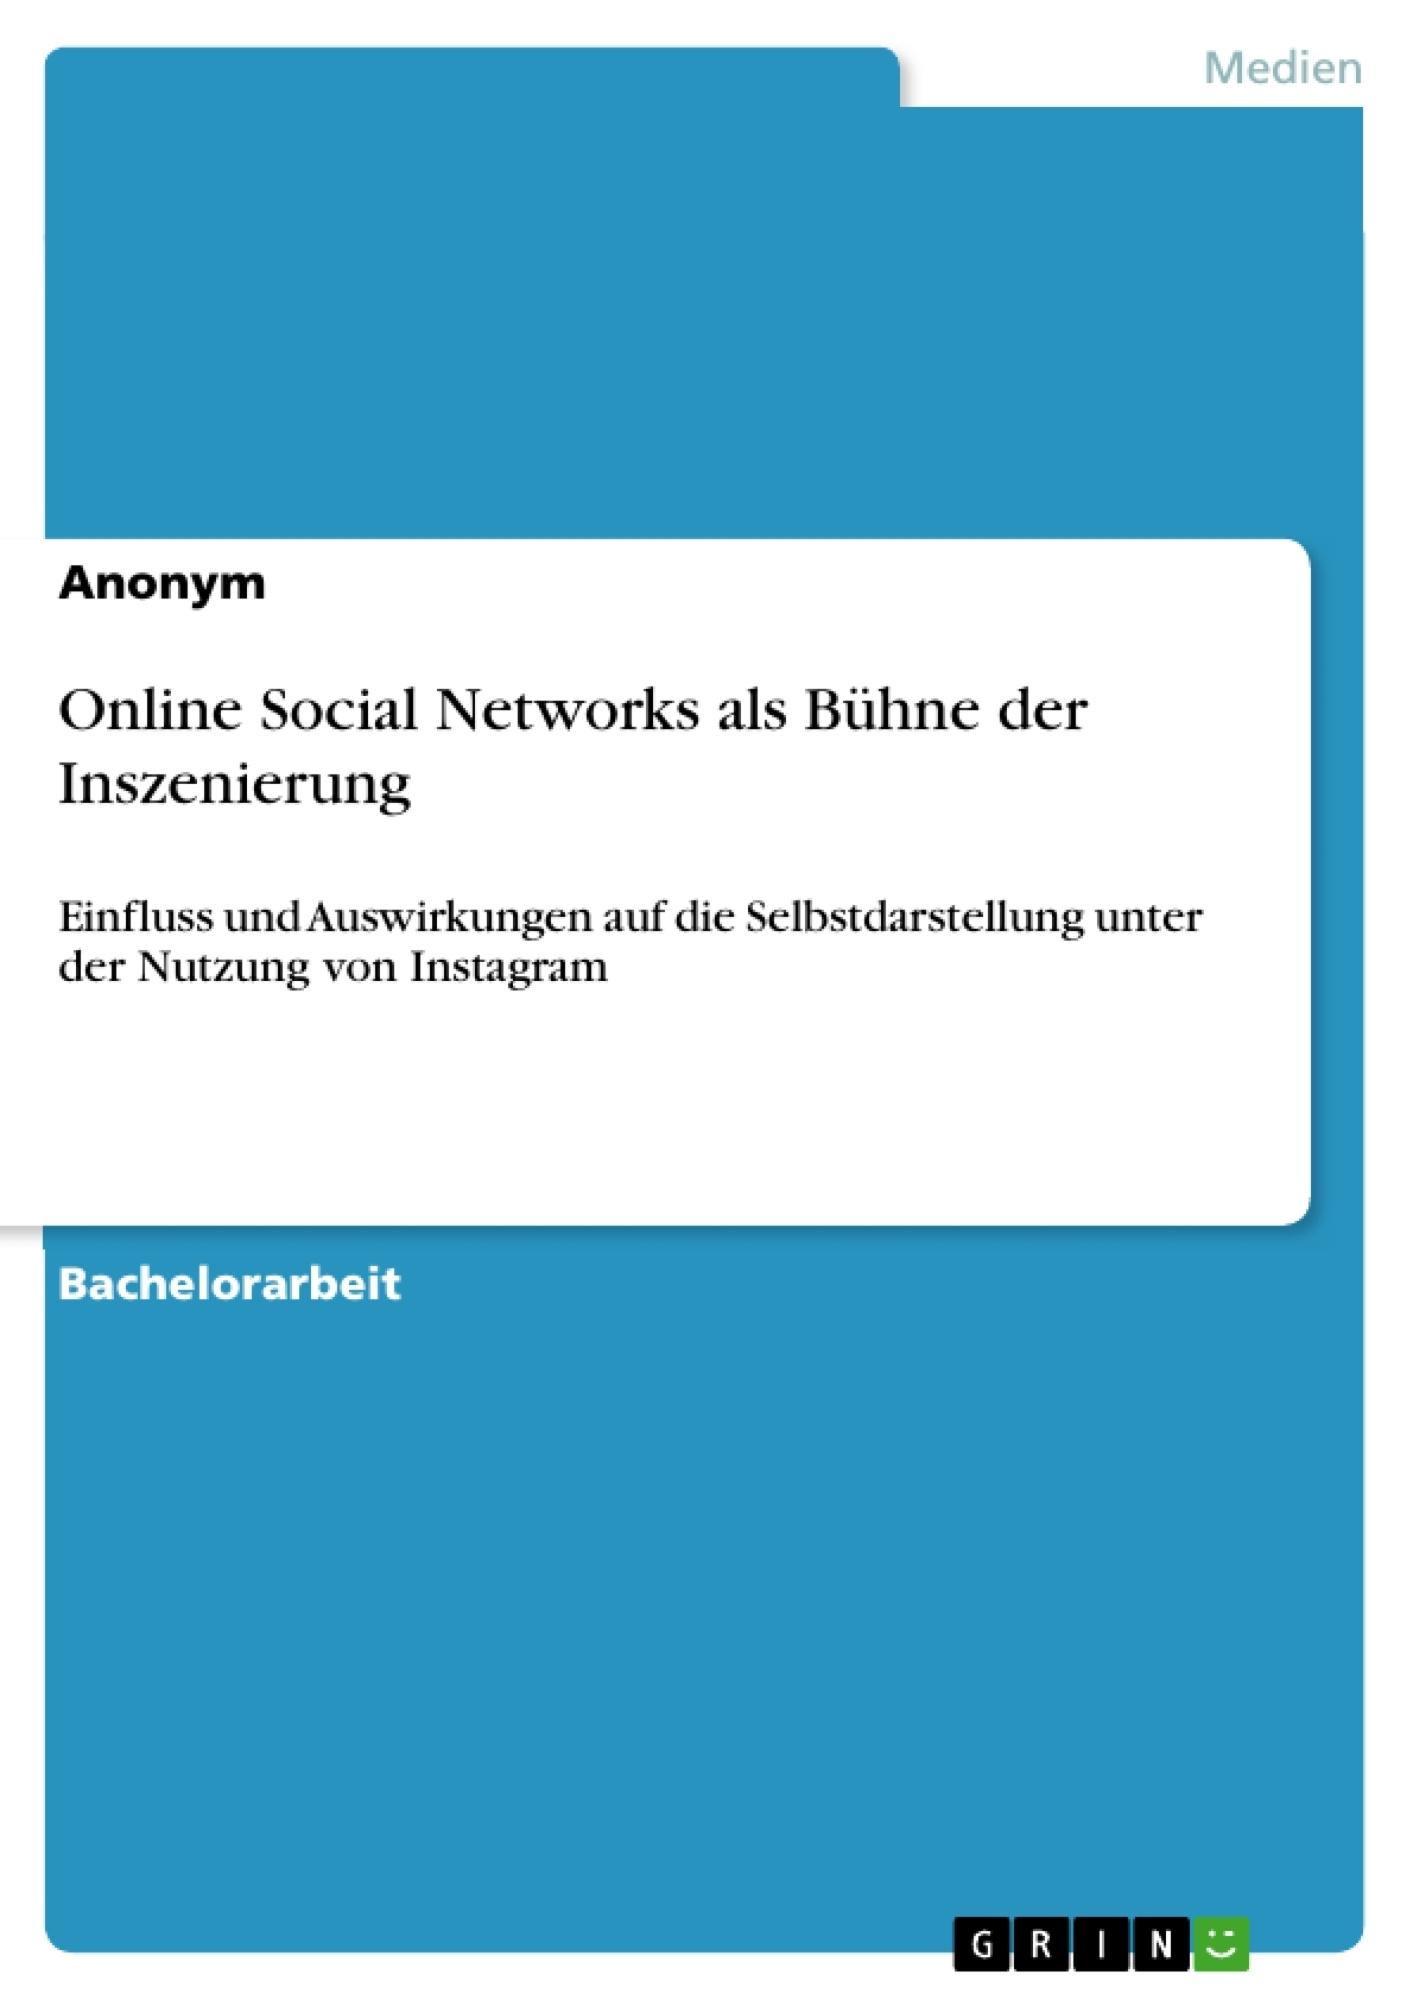 Titel: Online Social Networks als Bühne der Inszenierung